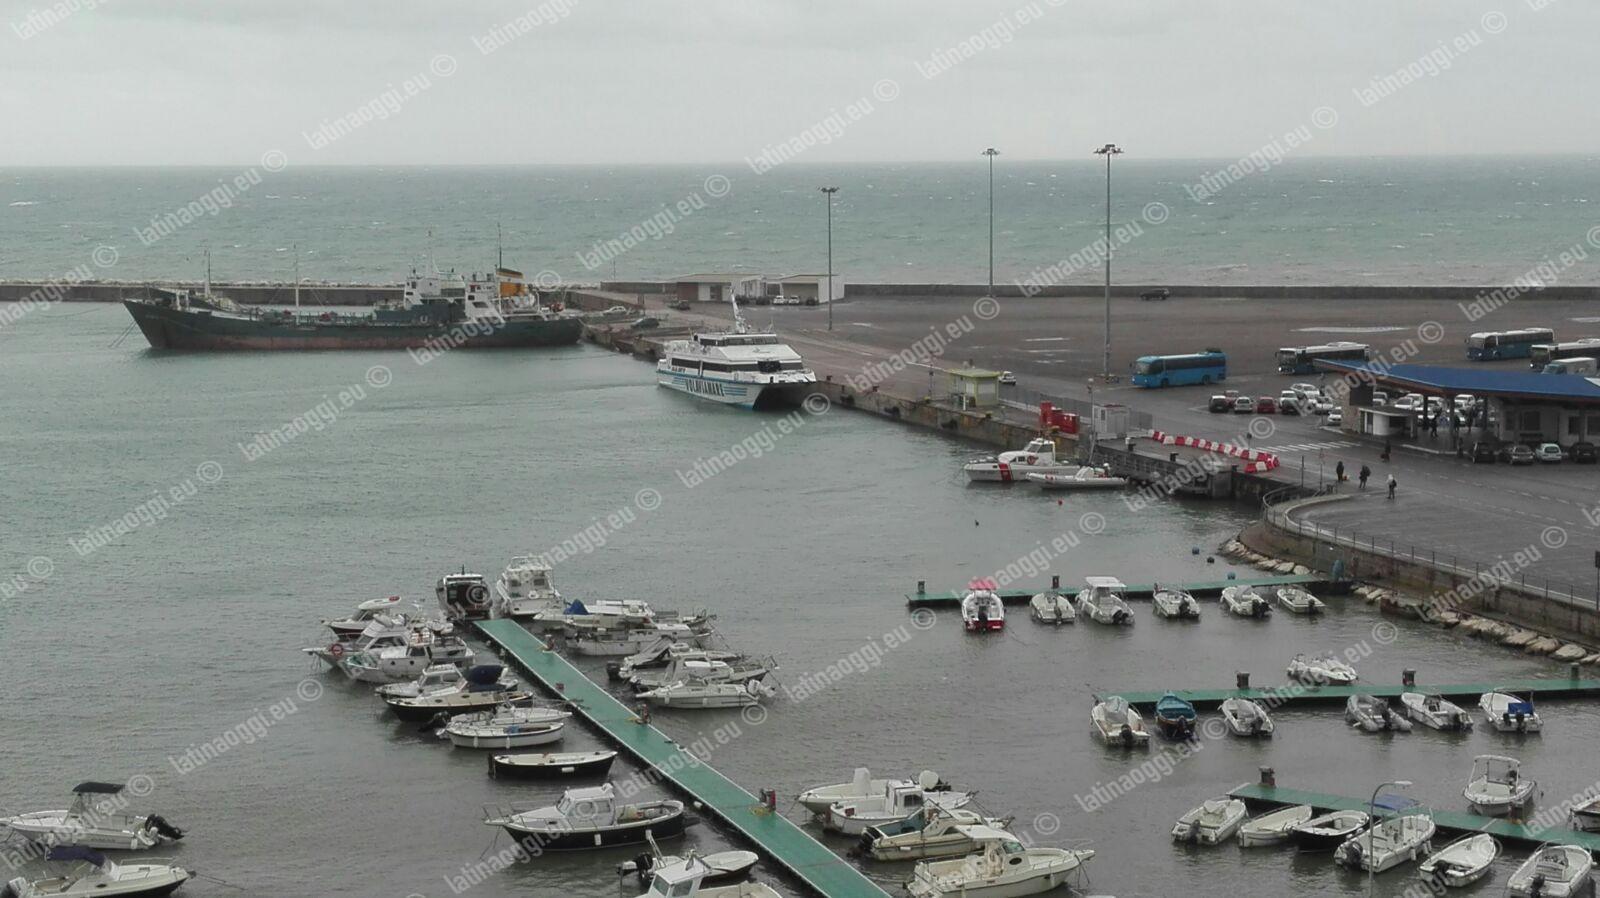 Paura a bordo: onda anomala contro aliscafo sulla rotta per Ponza